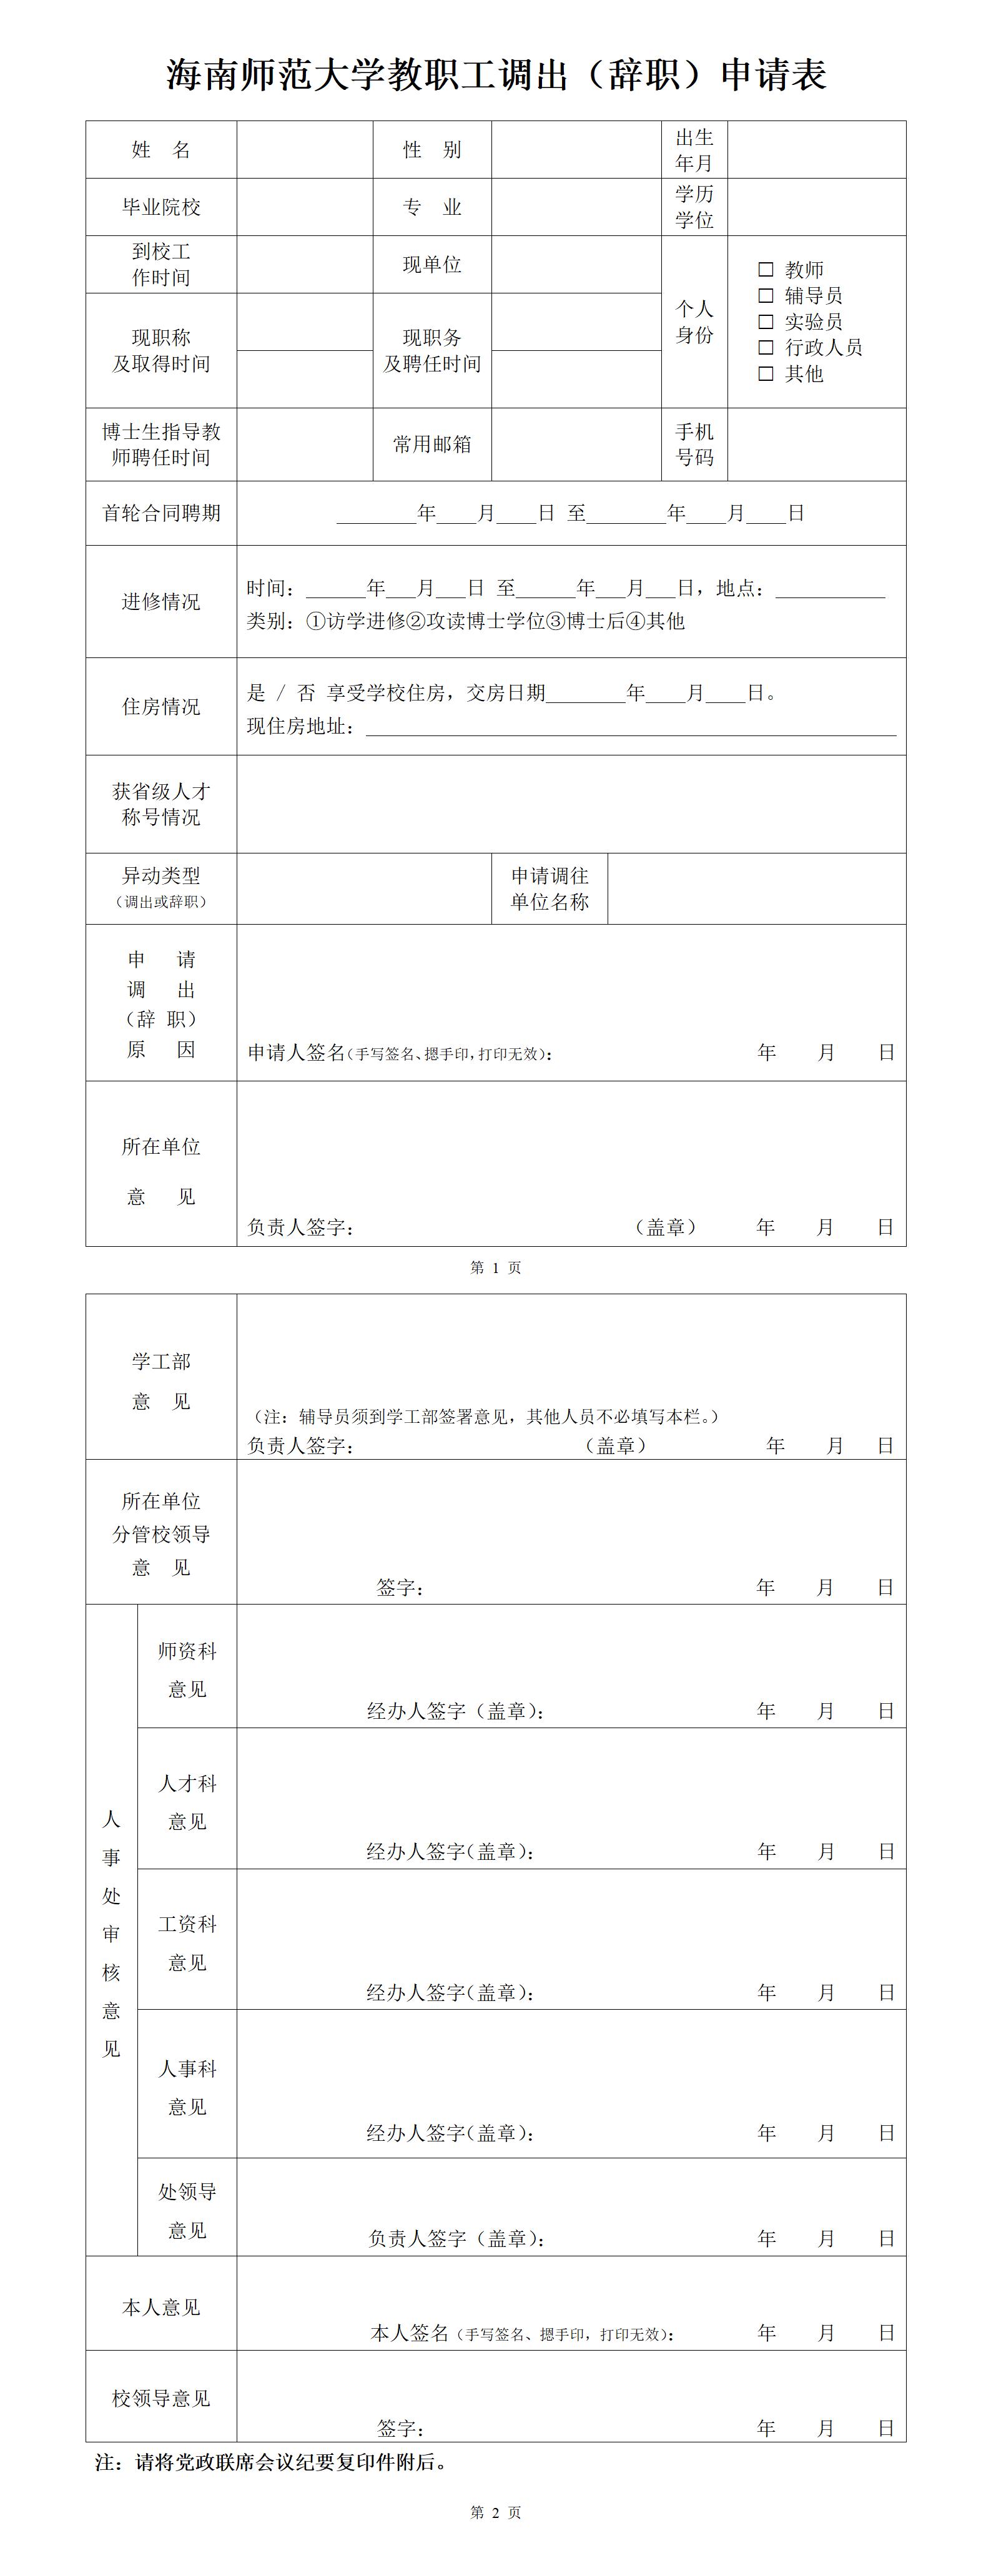 海南师范大学教职工调出(辞职)申请表